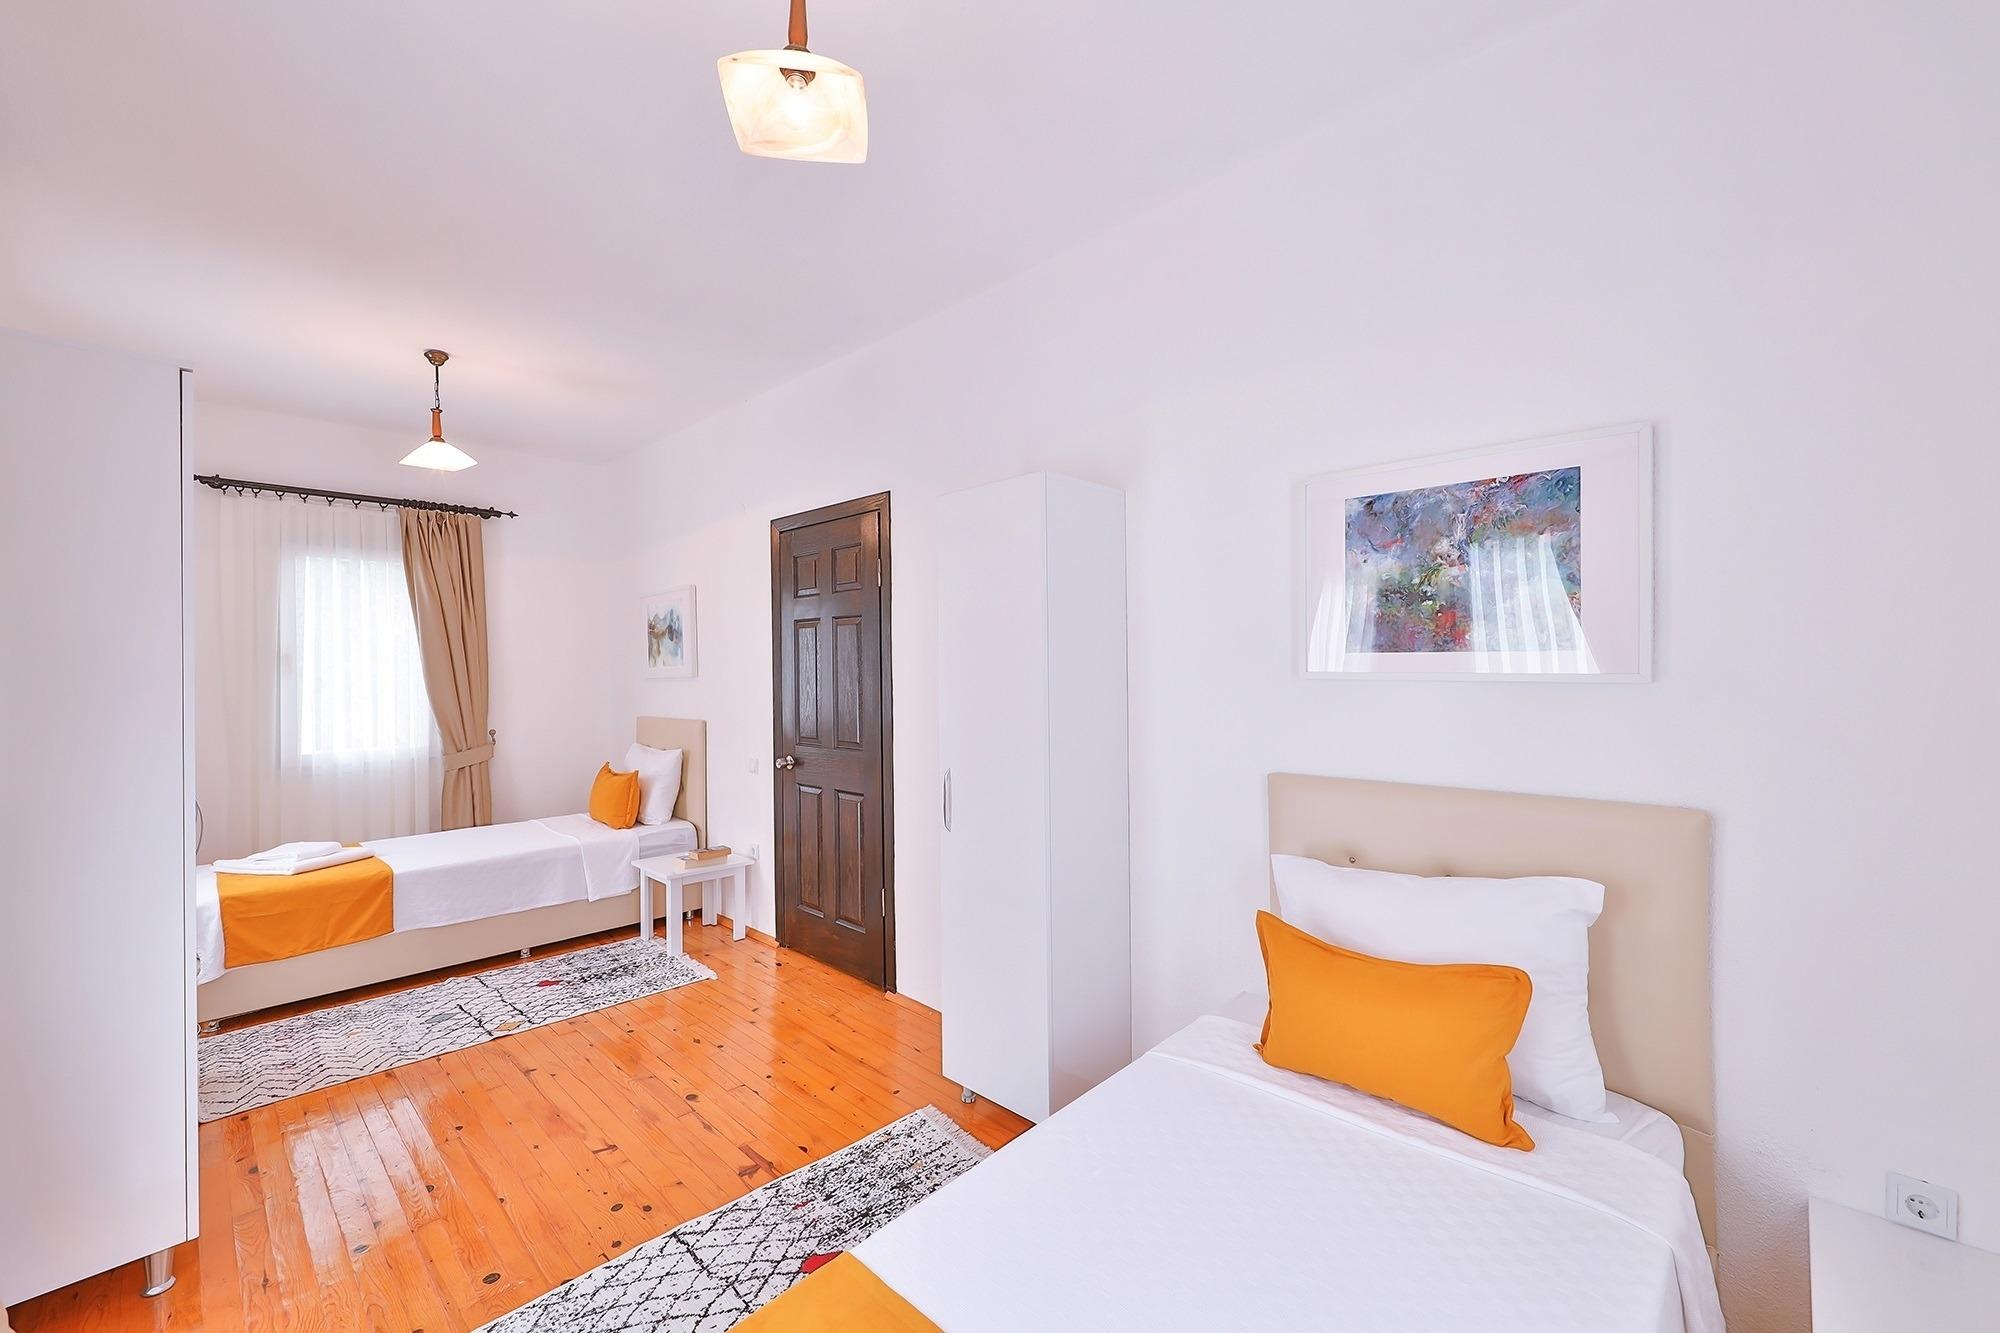 Ferienhaus Villa Asfina (2628177), Kalkan, , Mittelmeerregion, Türkei, Bild 9